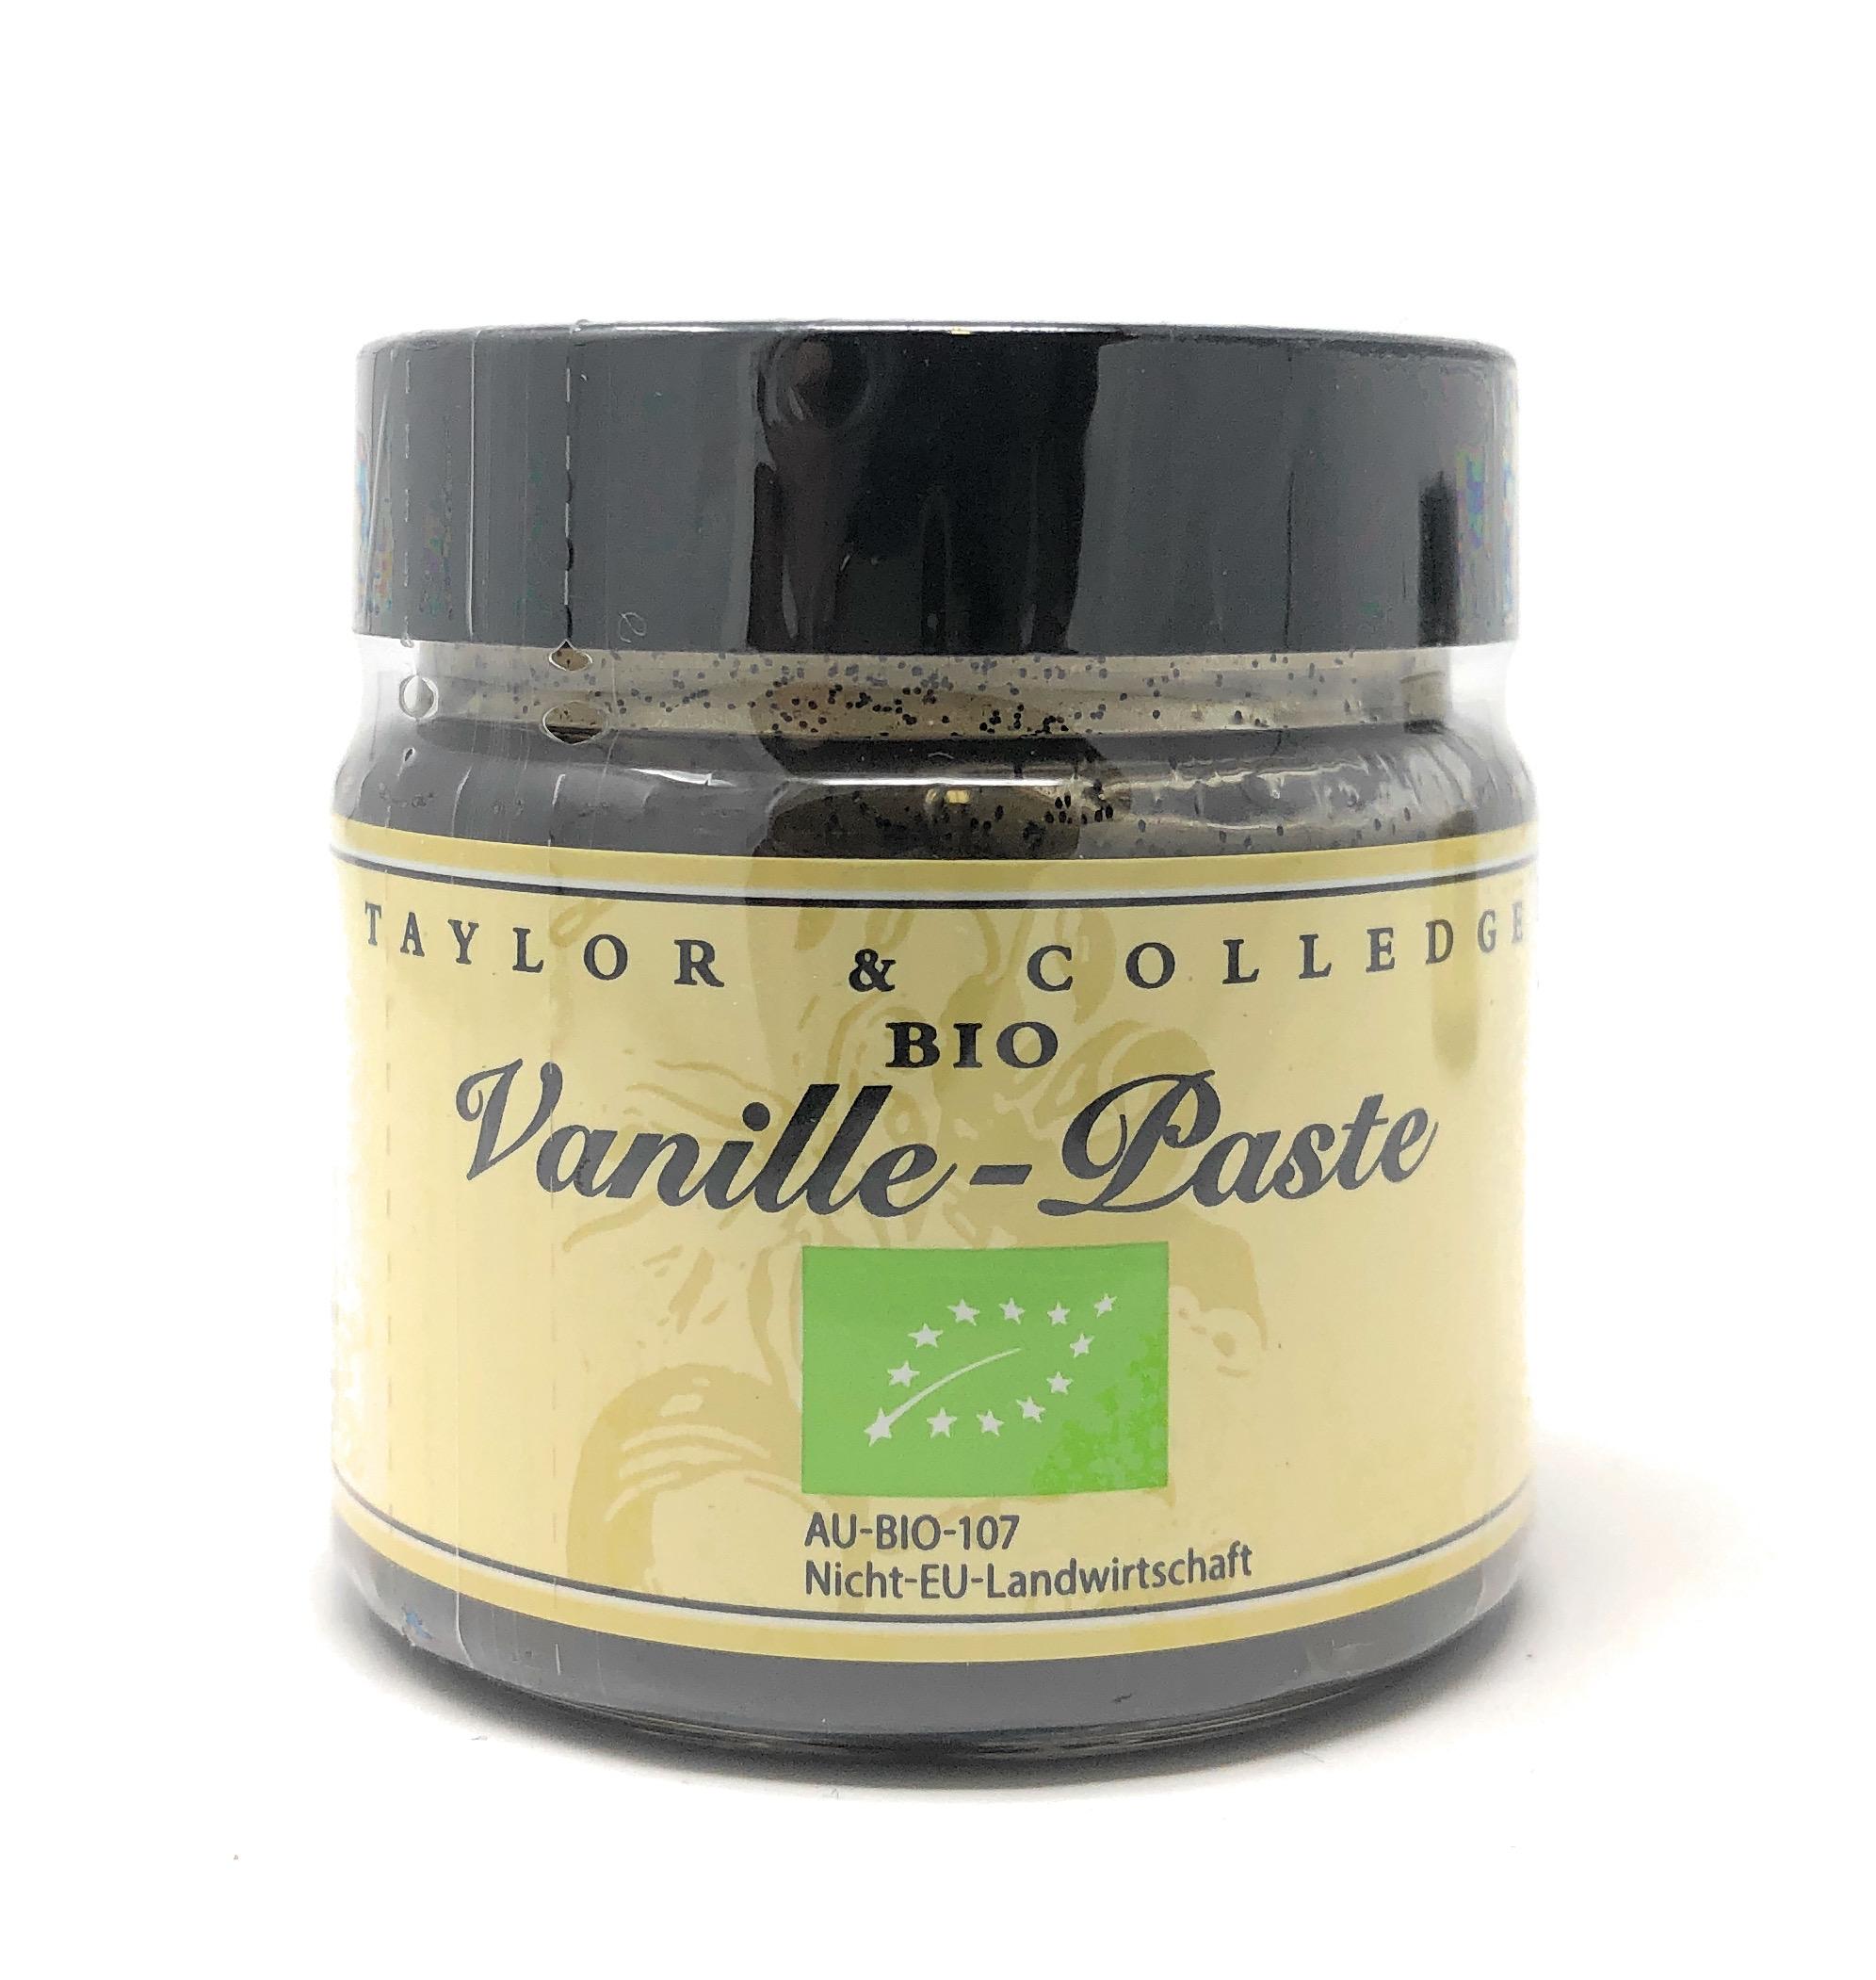 Taylor & Colledge Bio Vanille-Paste 65g Dose (DE-ÖKO-006)